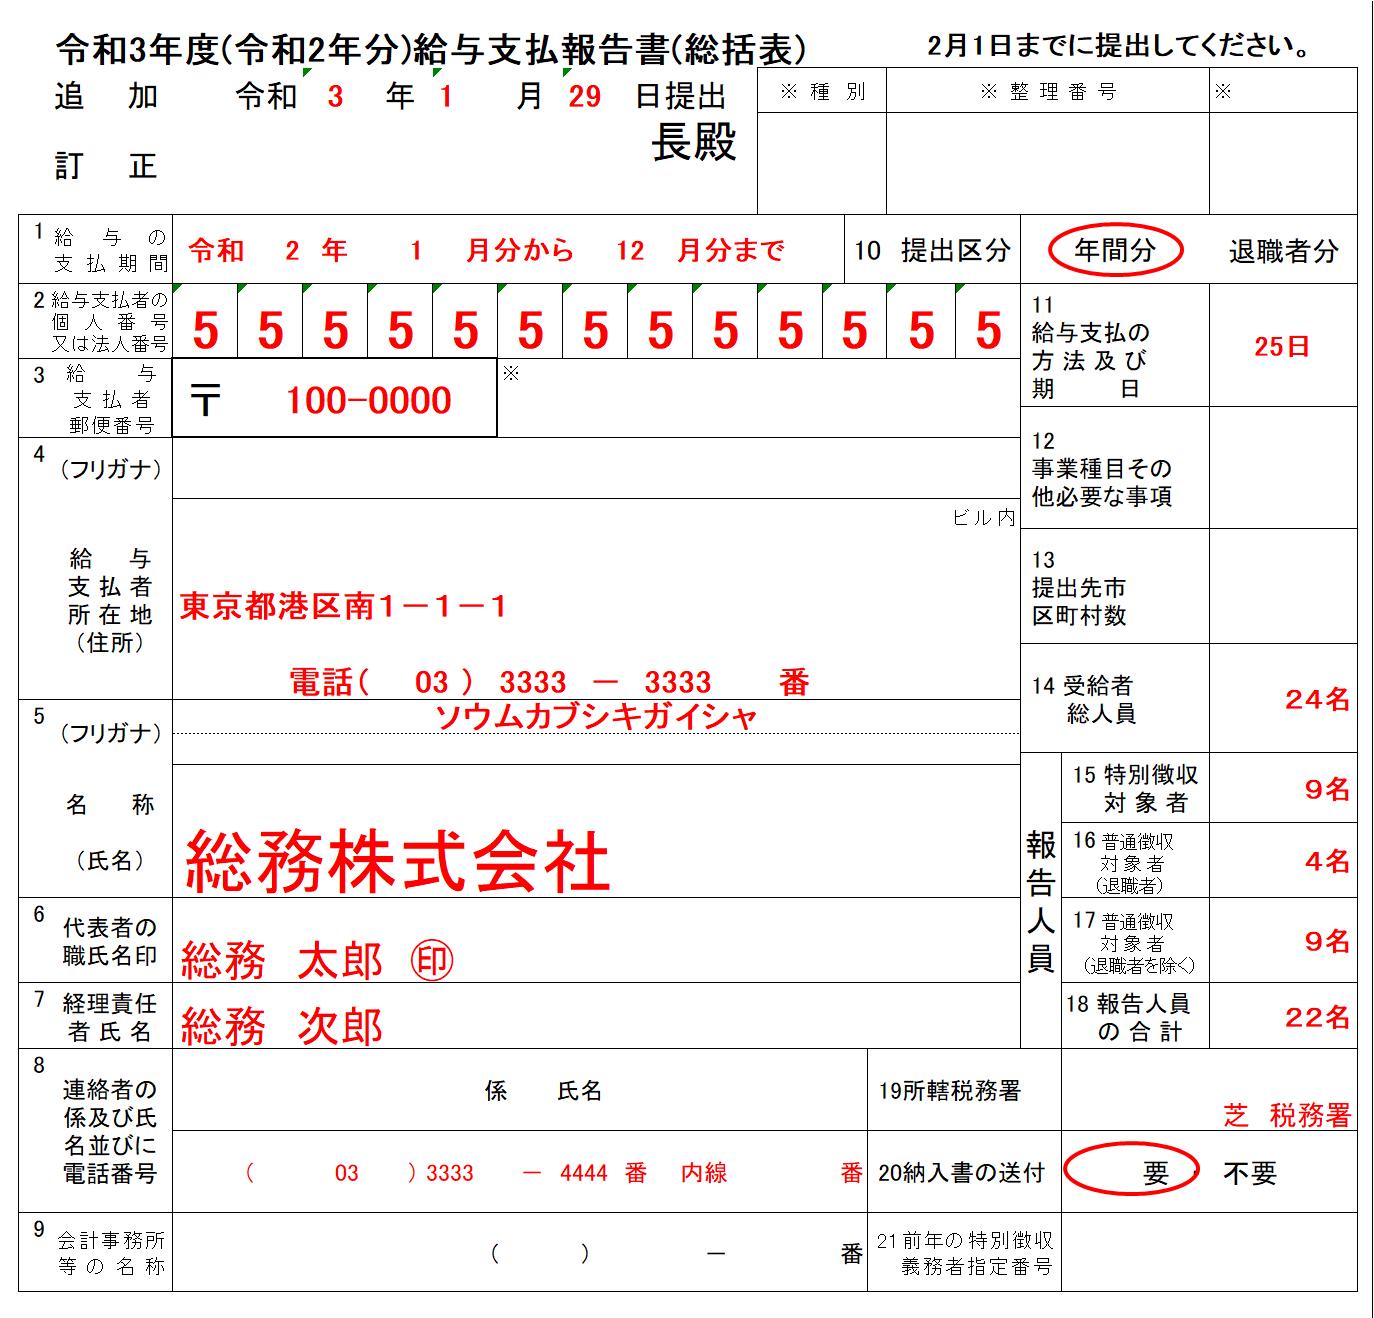 給与支払報告書(総括表)の記入例、書き方、注意点